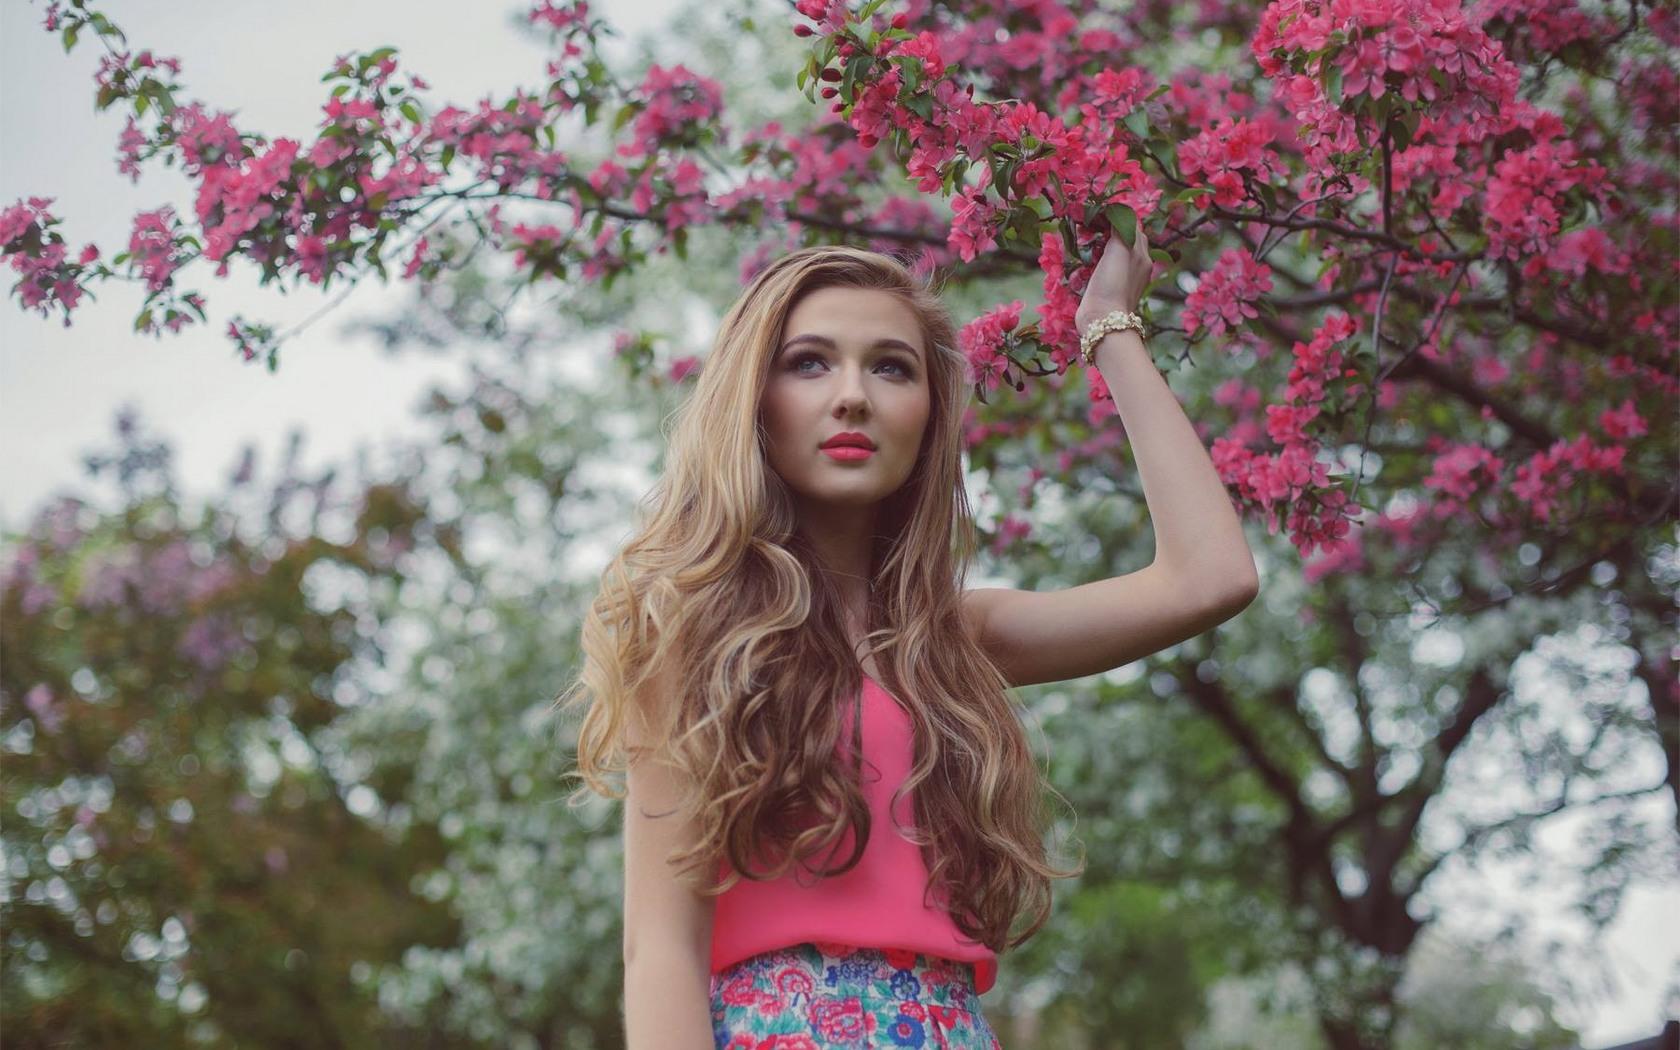 Девушка, портрет, цветущее дерево